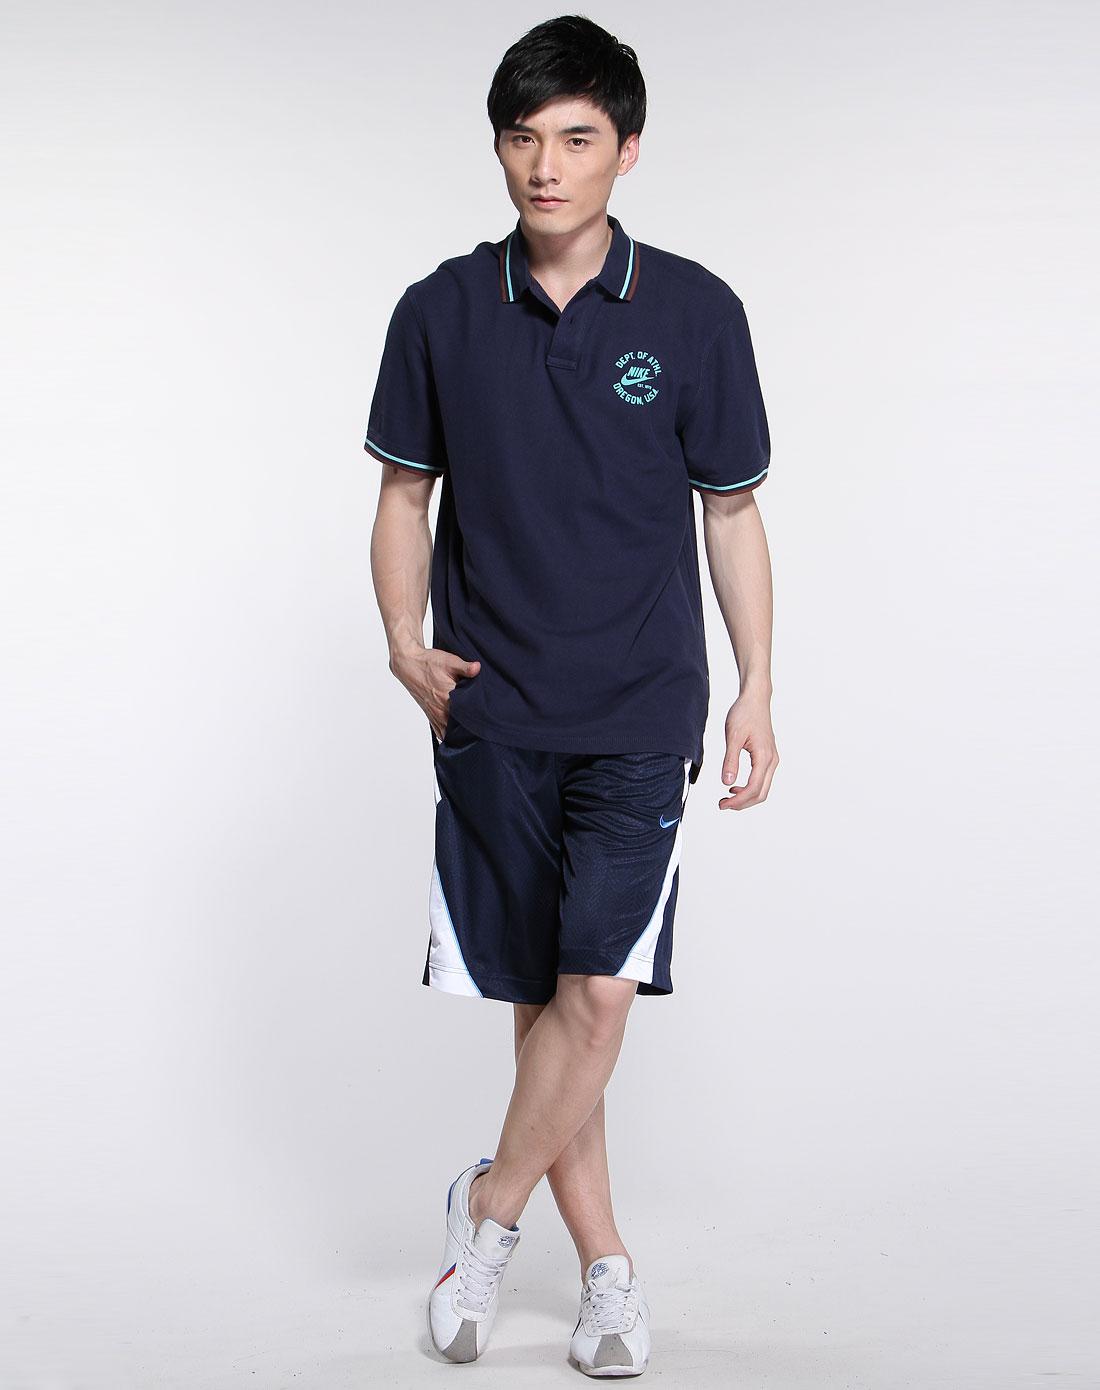 > 深蓝色运动休闲短袖polo衫